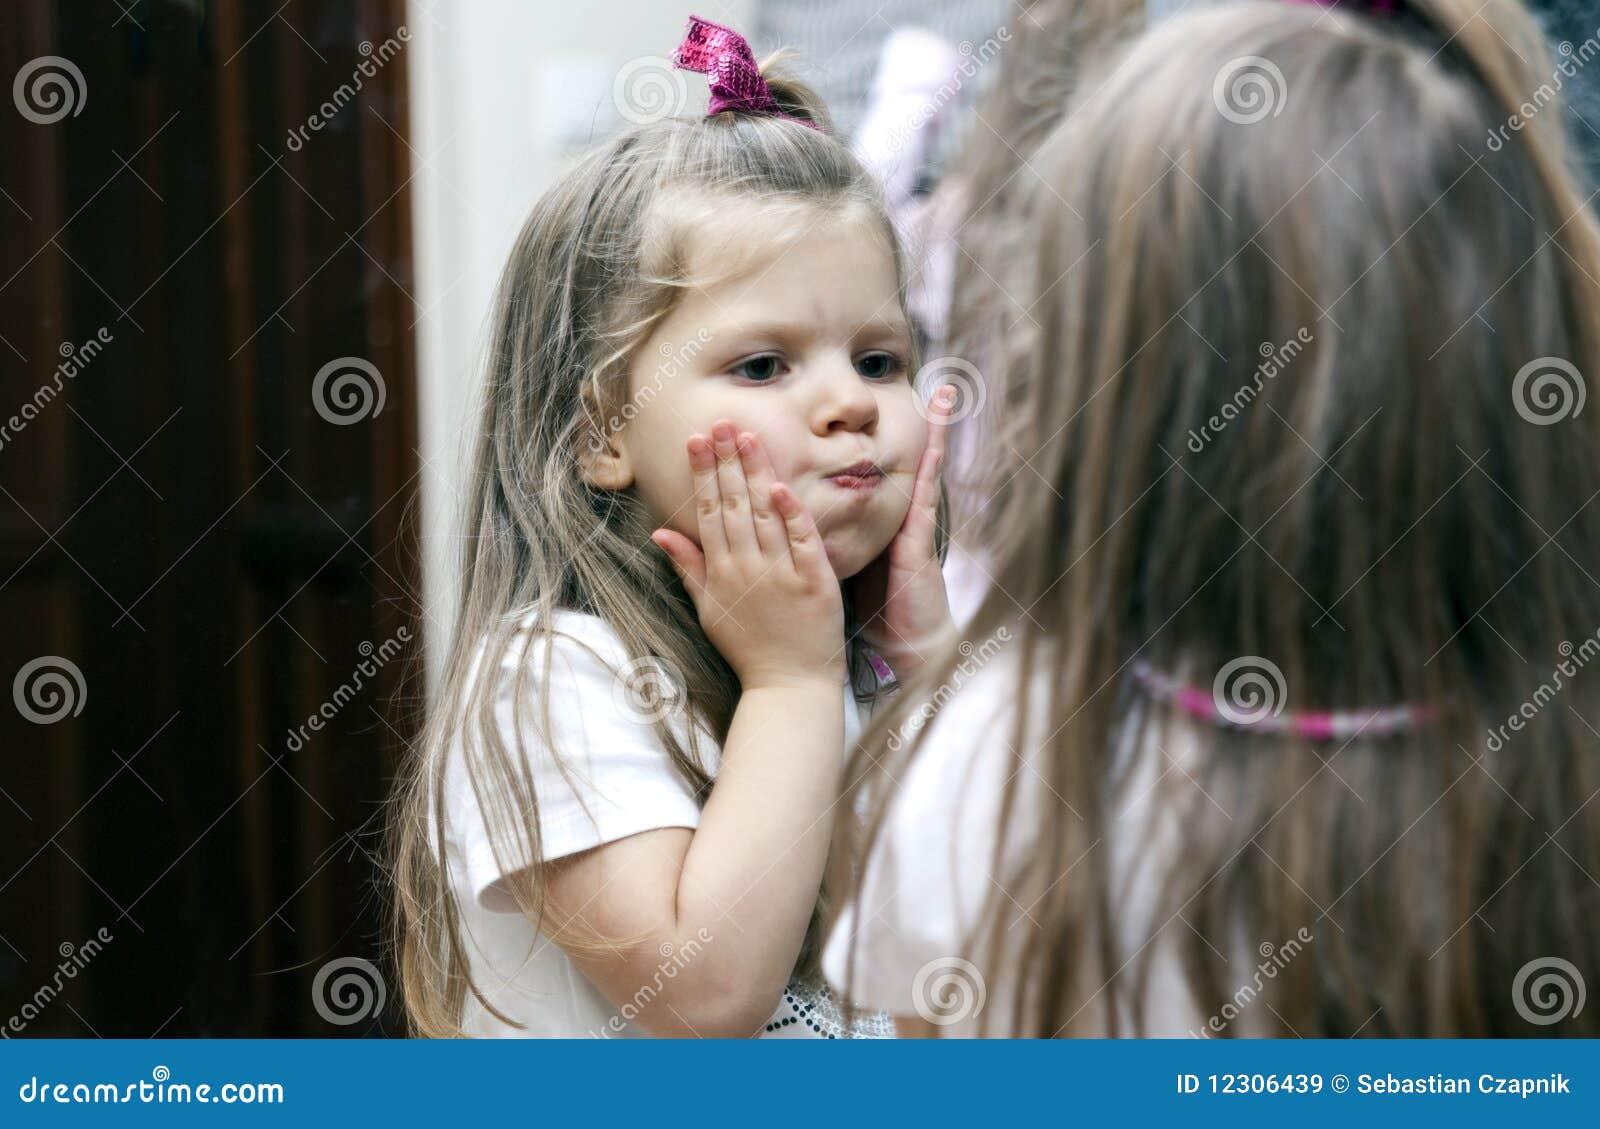 Fille et miroir images libres de droits image 12306439 for Miroir fille